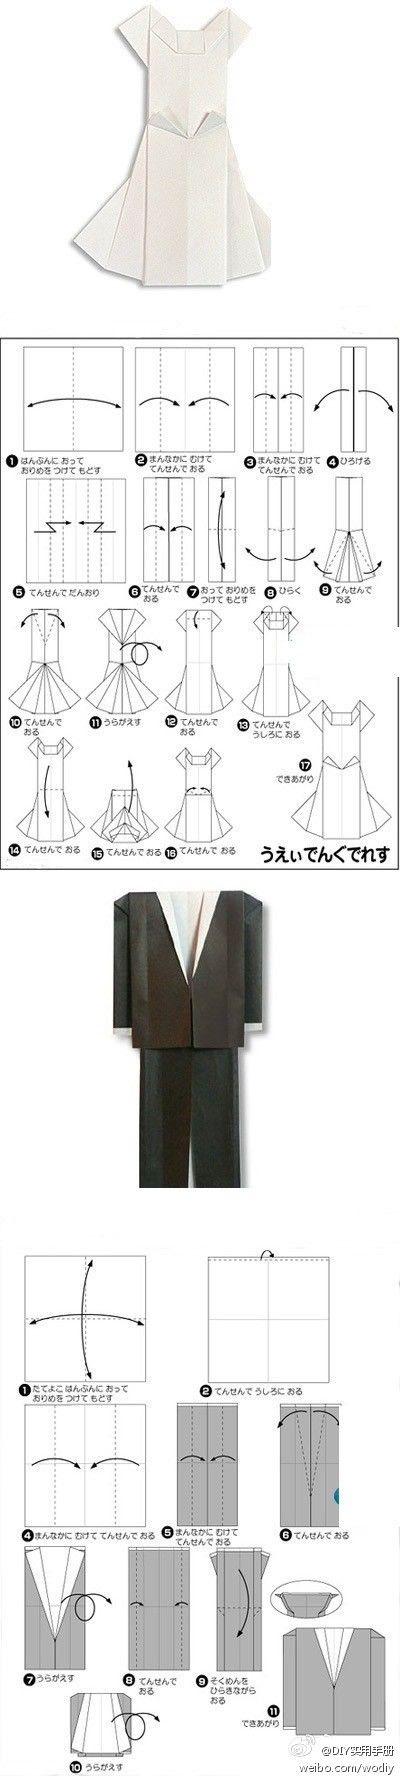 【西服和礼服折纸方法】很可爱的小西服和小礼哟~ orgami dress and tux folded paper